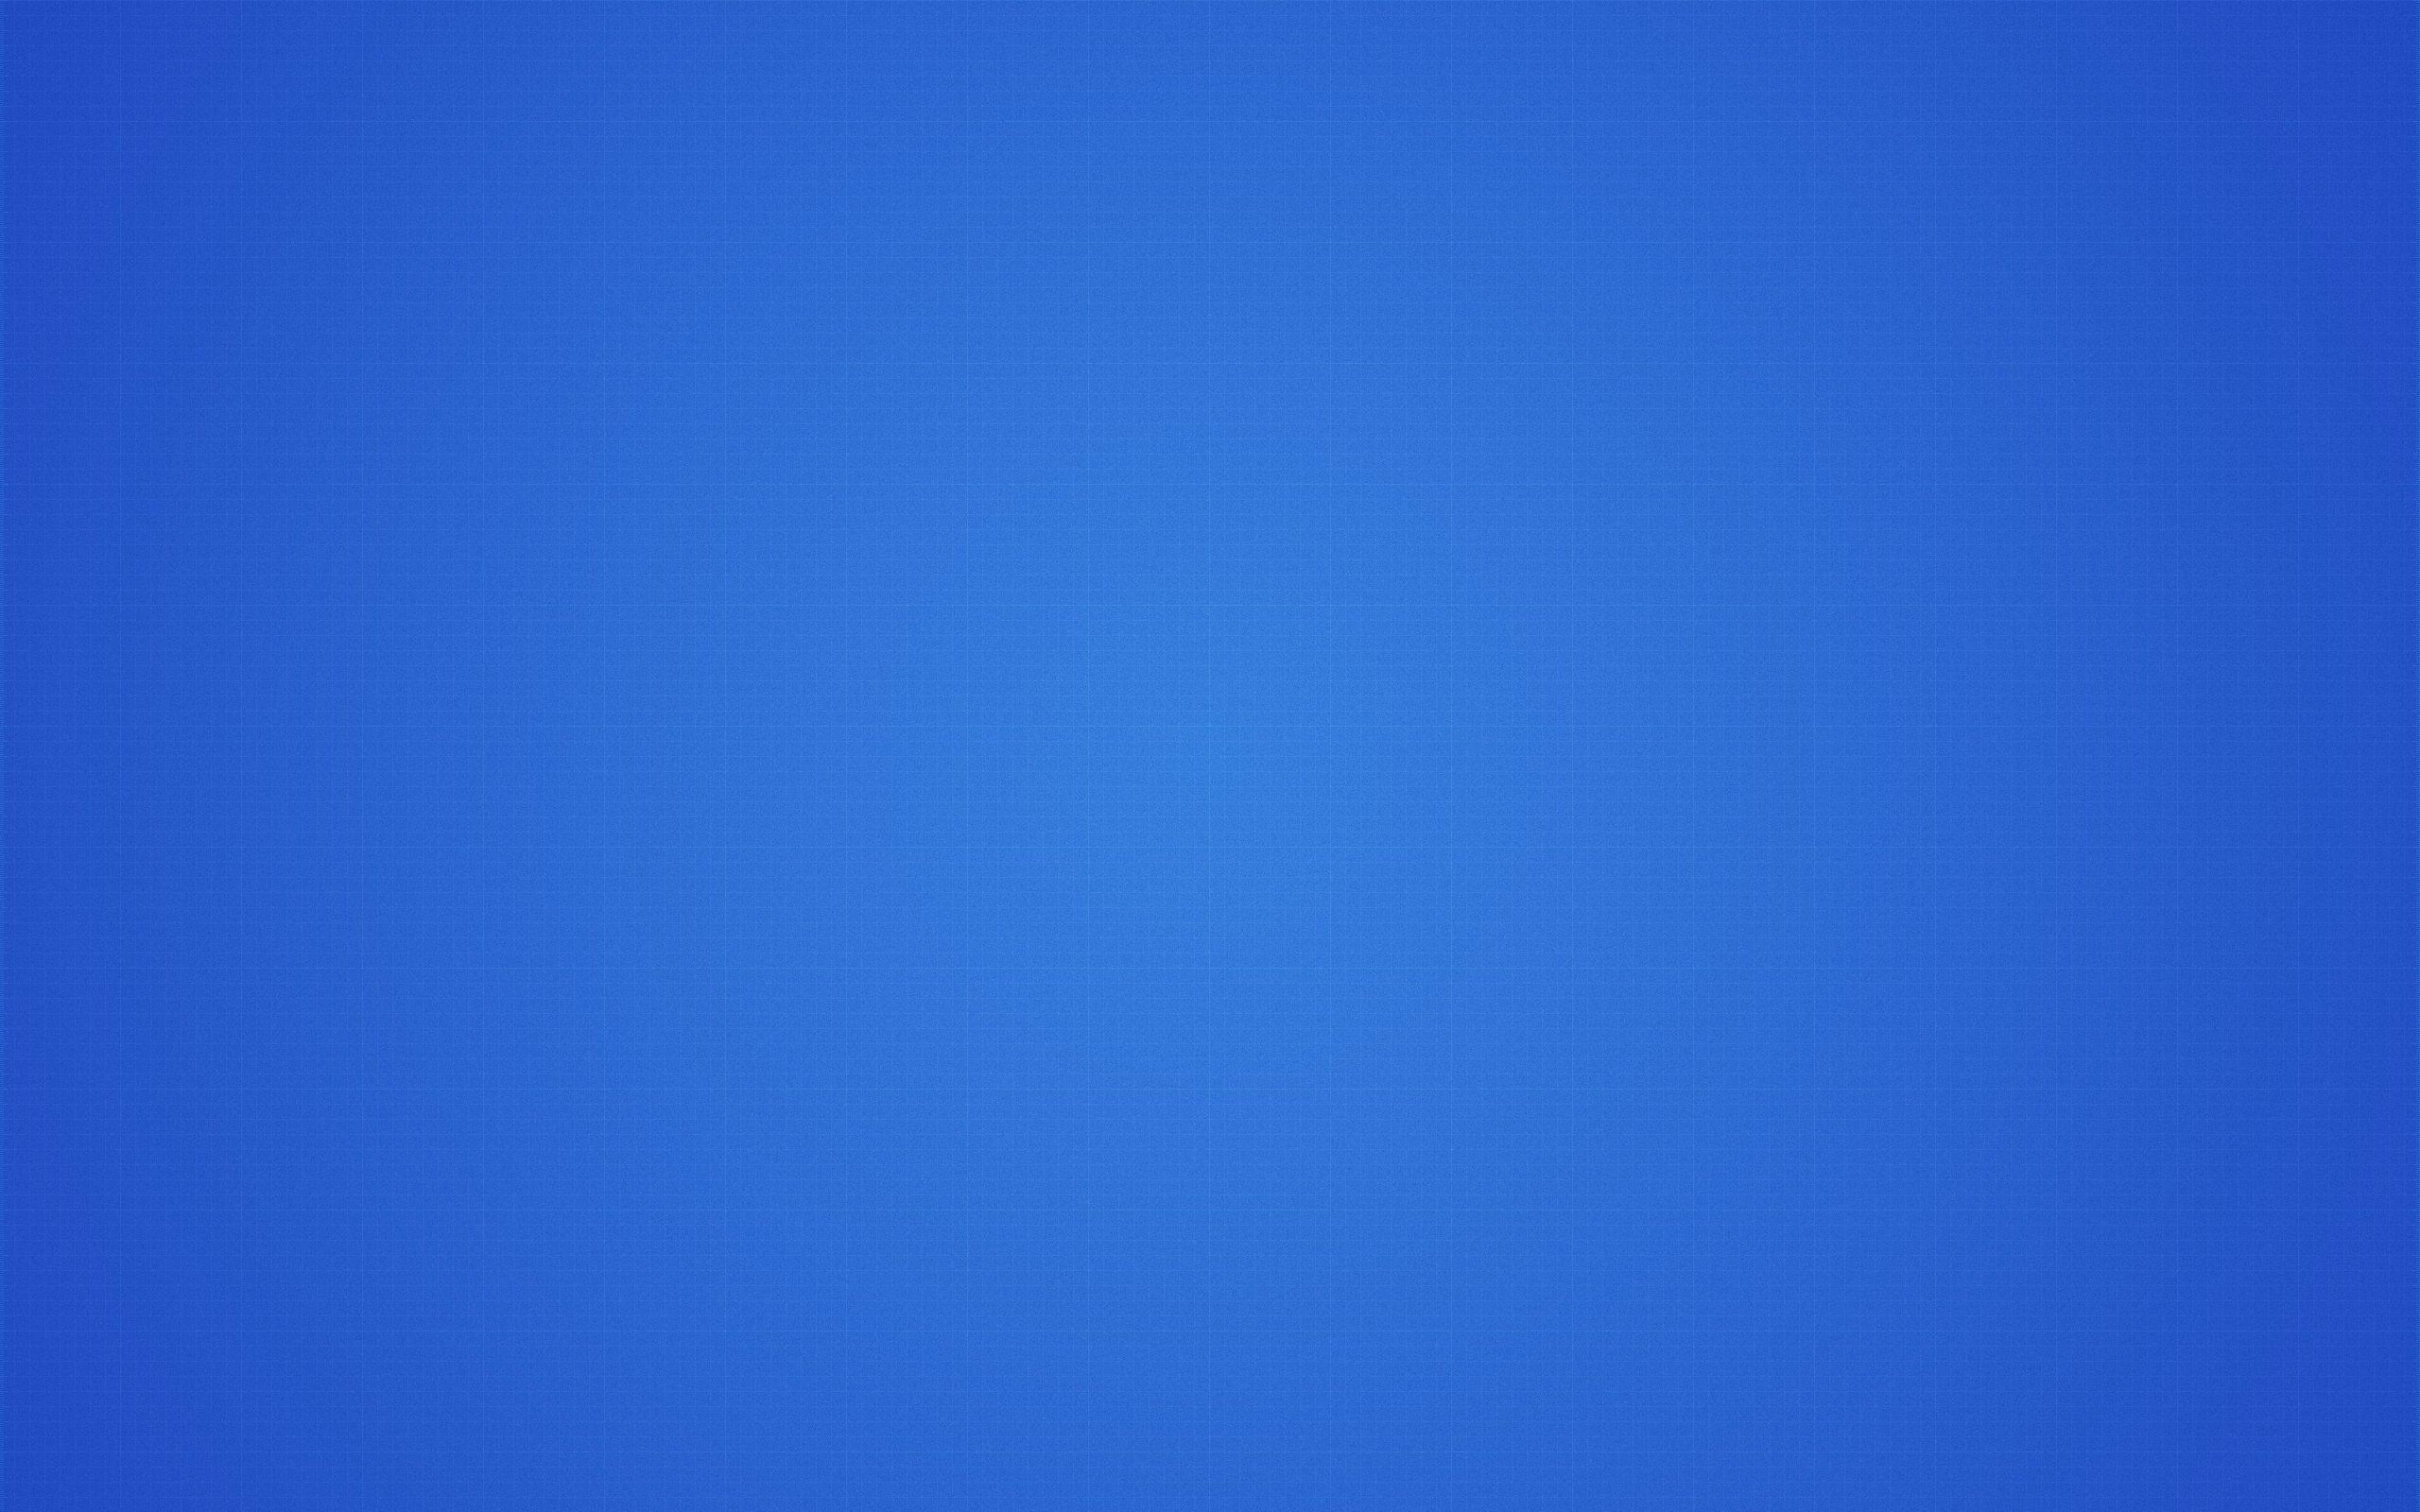 78103 завантажити шпалери Текстура, Текстури, Лінії, Синій, Поверхня, Клітини - заставки і картинки безкоштовно